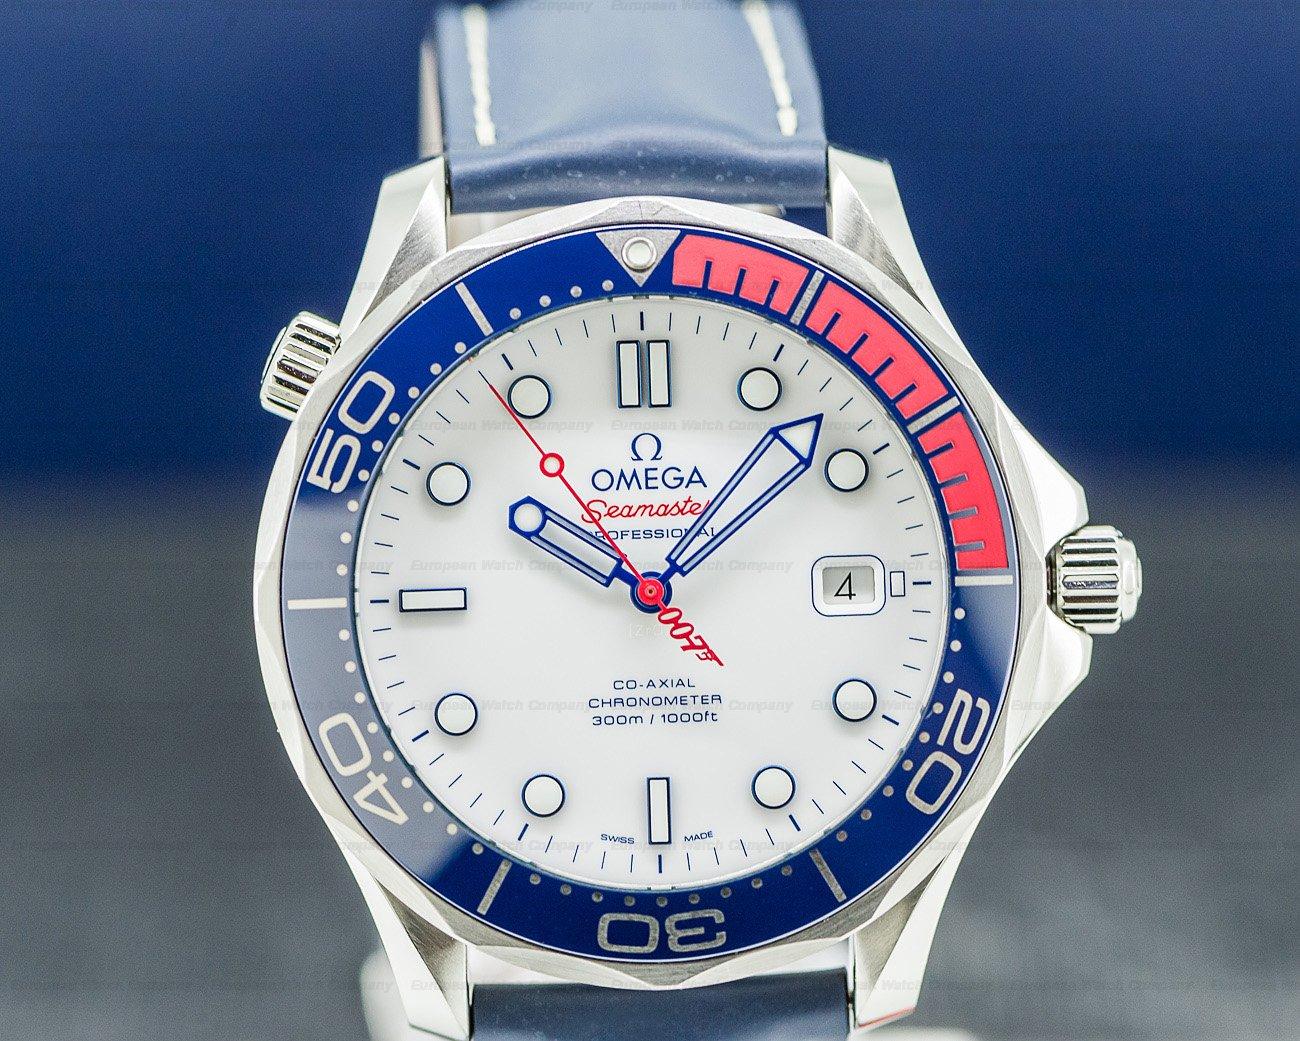 Omega 212.32.41.20.04.001 Seamaster 300m Commander 007 James Bond 41mm LIMITED